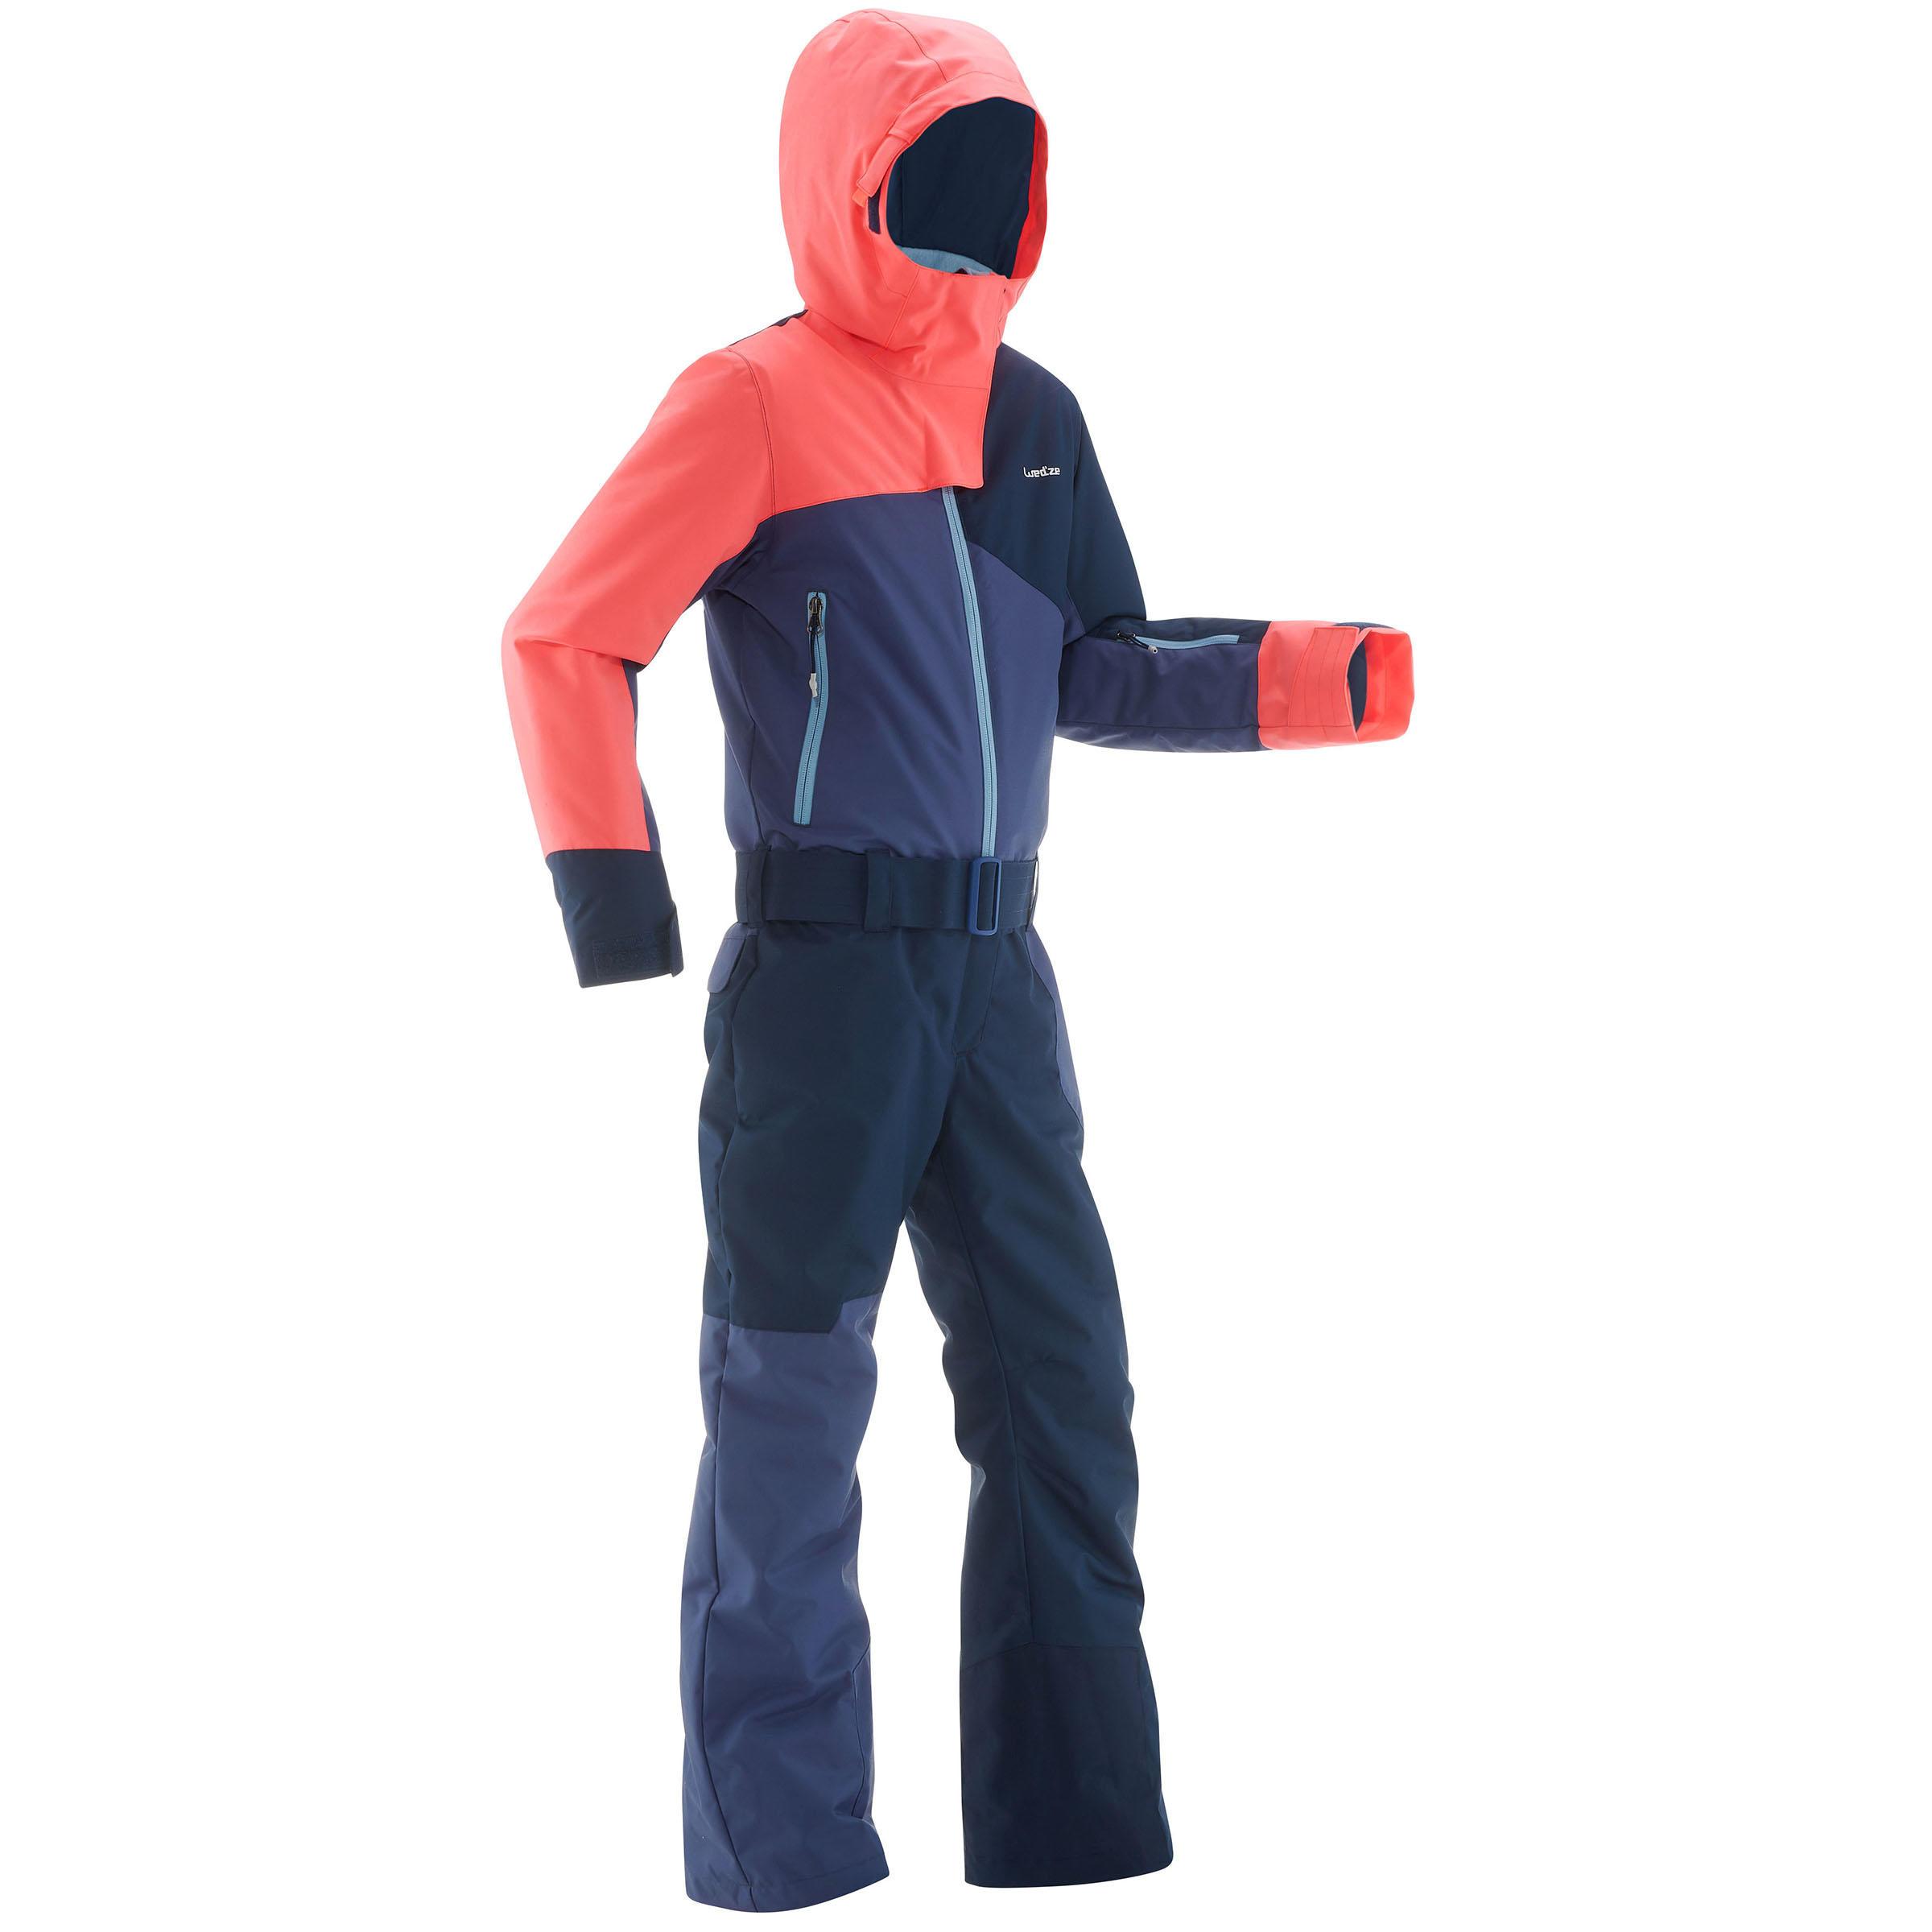 f037236cad5 Comprar Pantalones de Nieve para Niños online